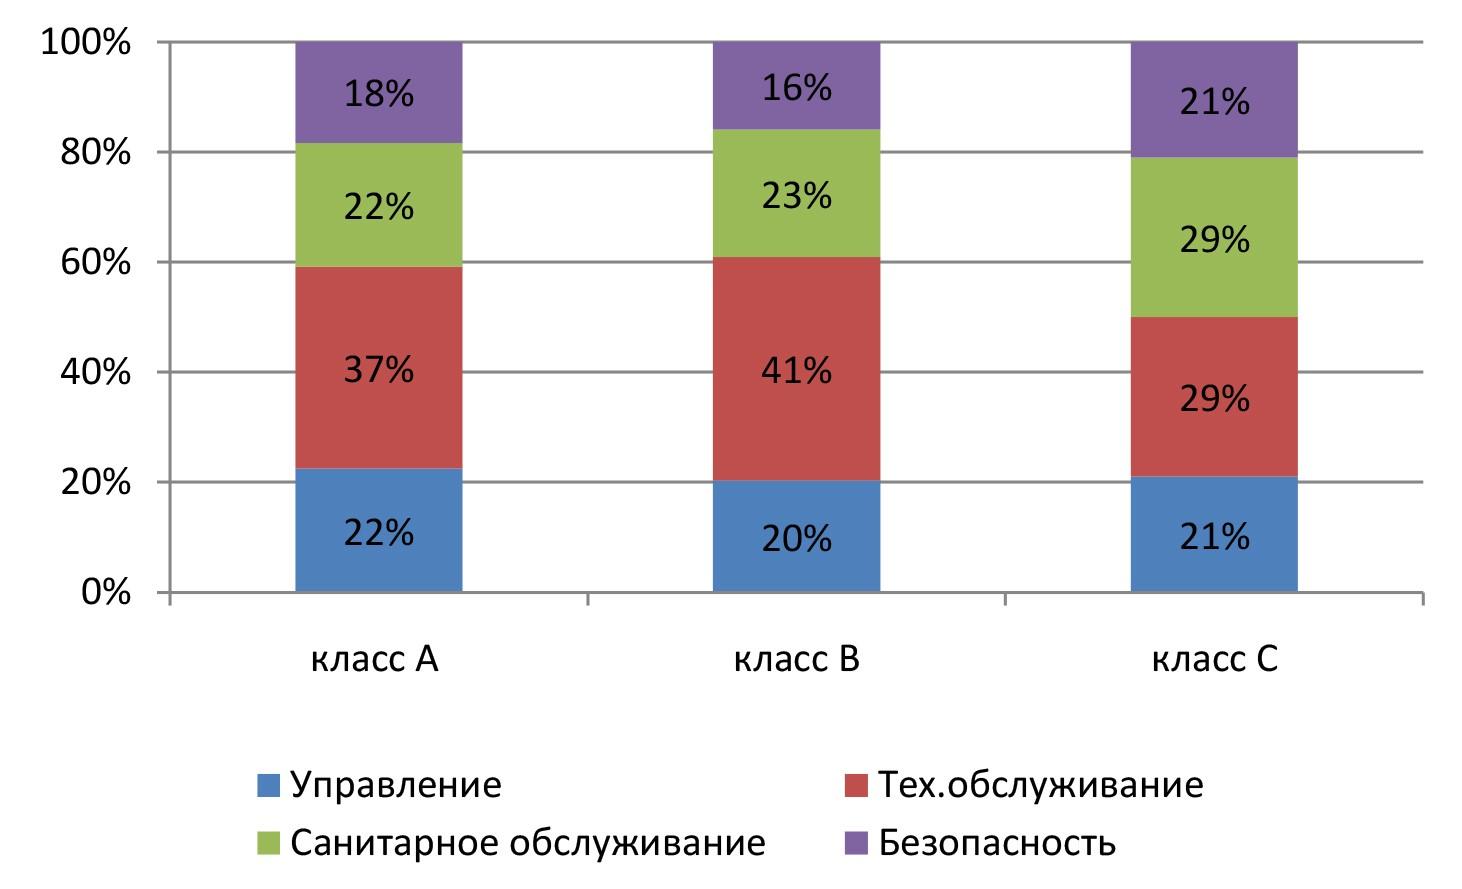 Структура затрат на обслуживание офисных объектов различных категорий